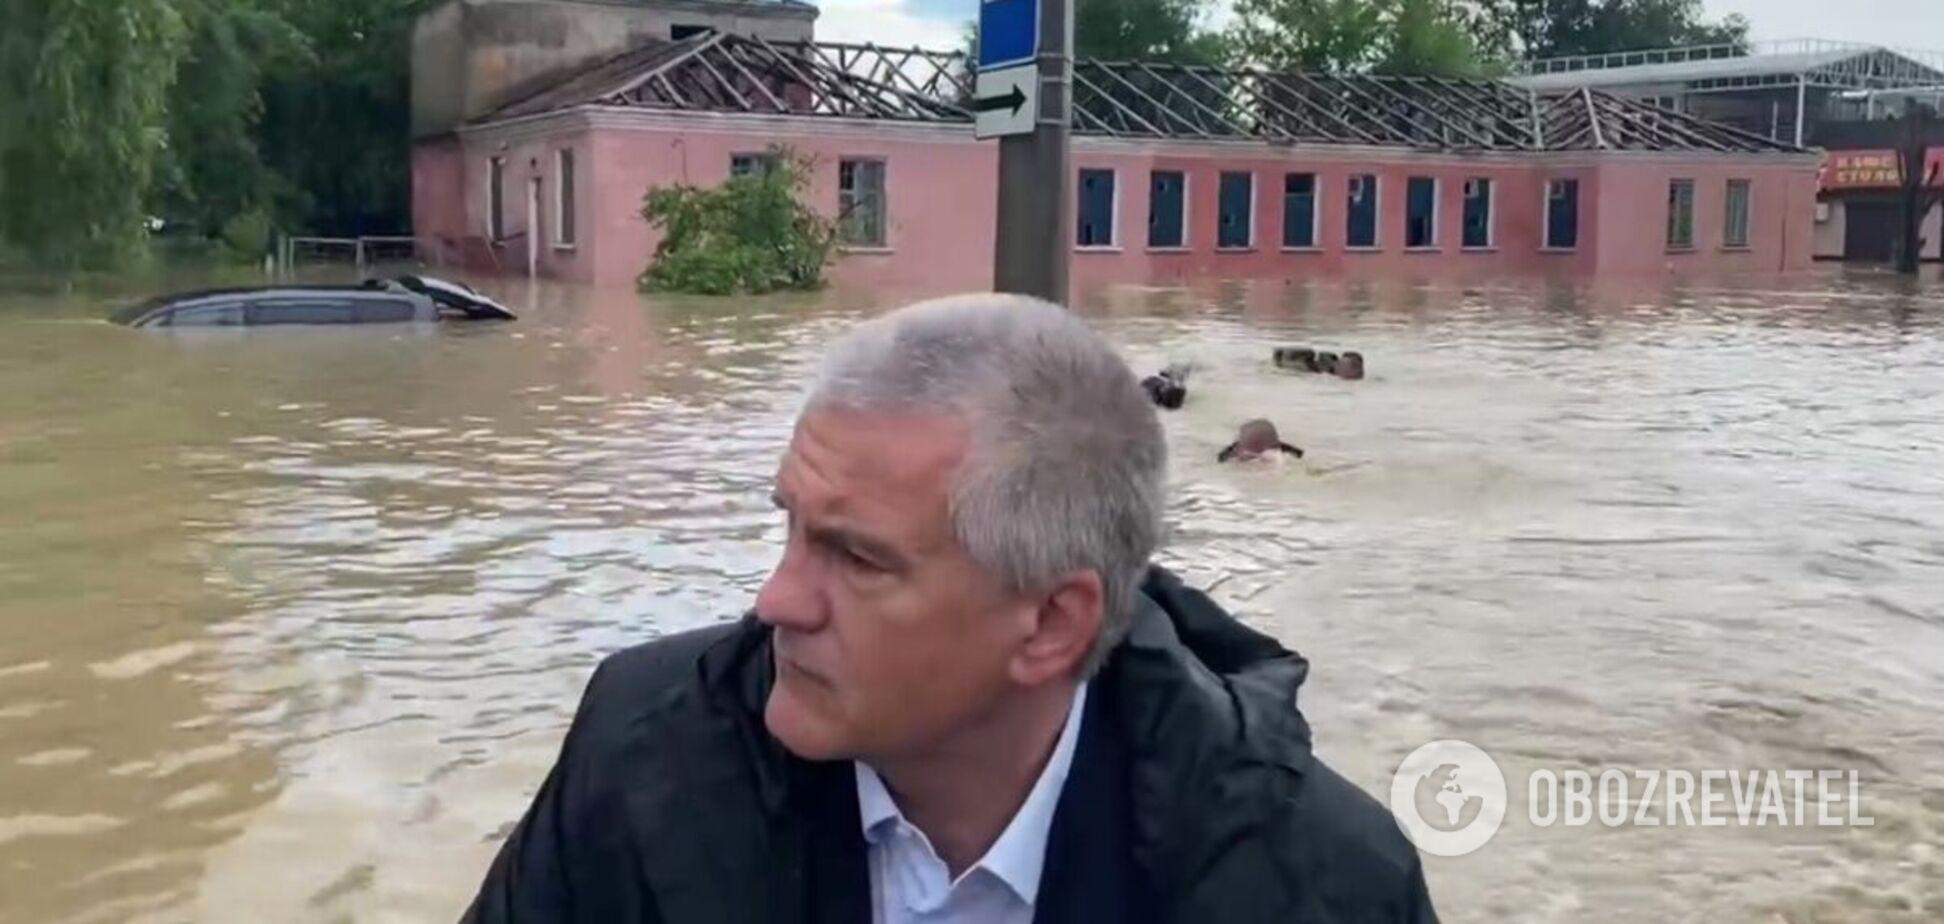 Аксенов в сопровождении пловцов покатался на лодке в затопленной Керчи